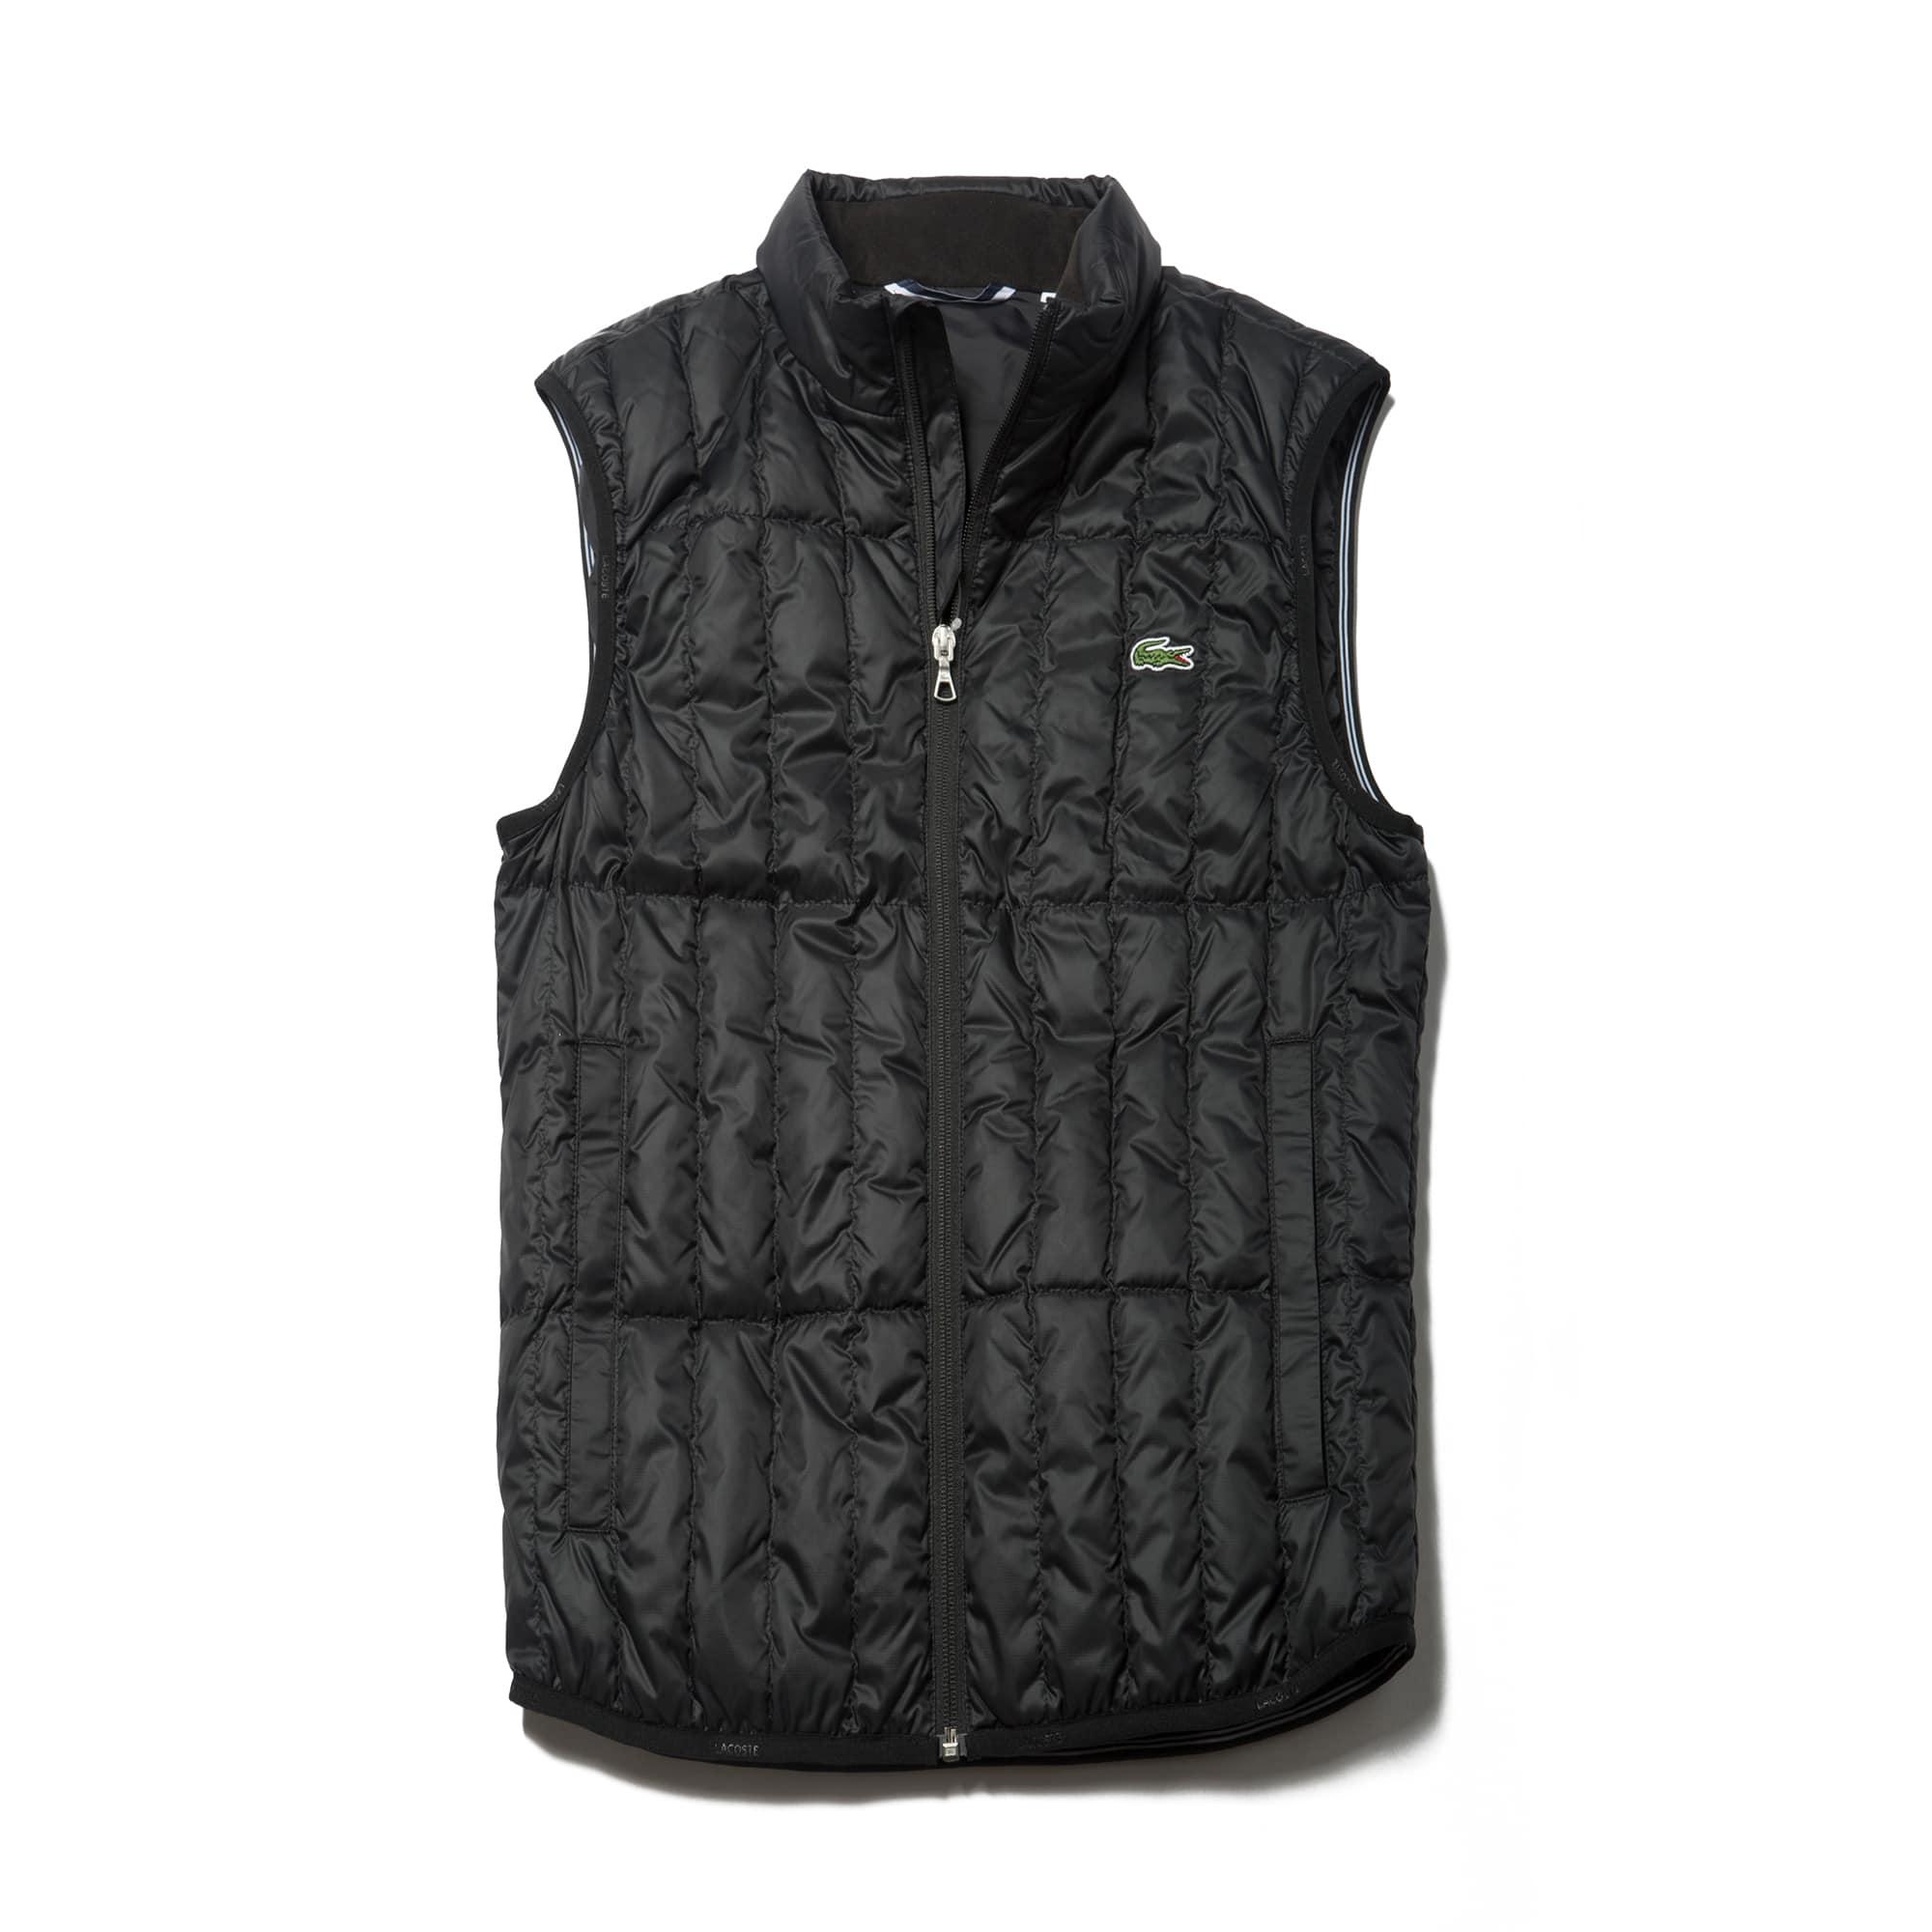 라코스테 스포츠 조끼 Lacoste Mens SPORT Golf Water-resistant Quilted Vest,ocean/navy blue